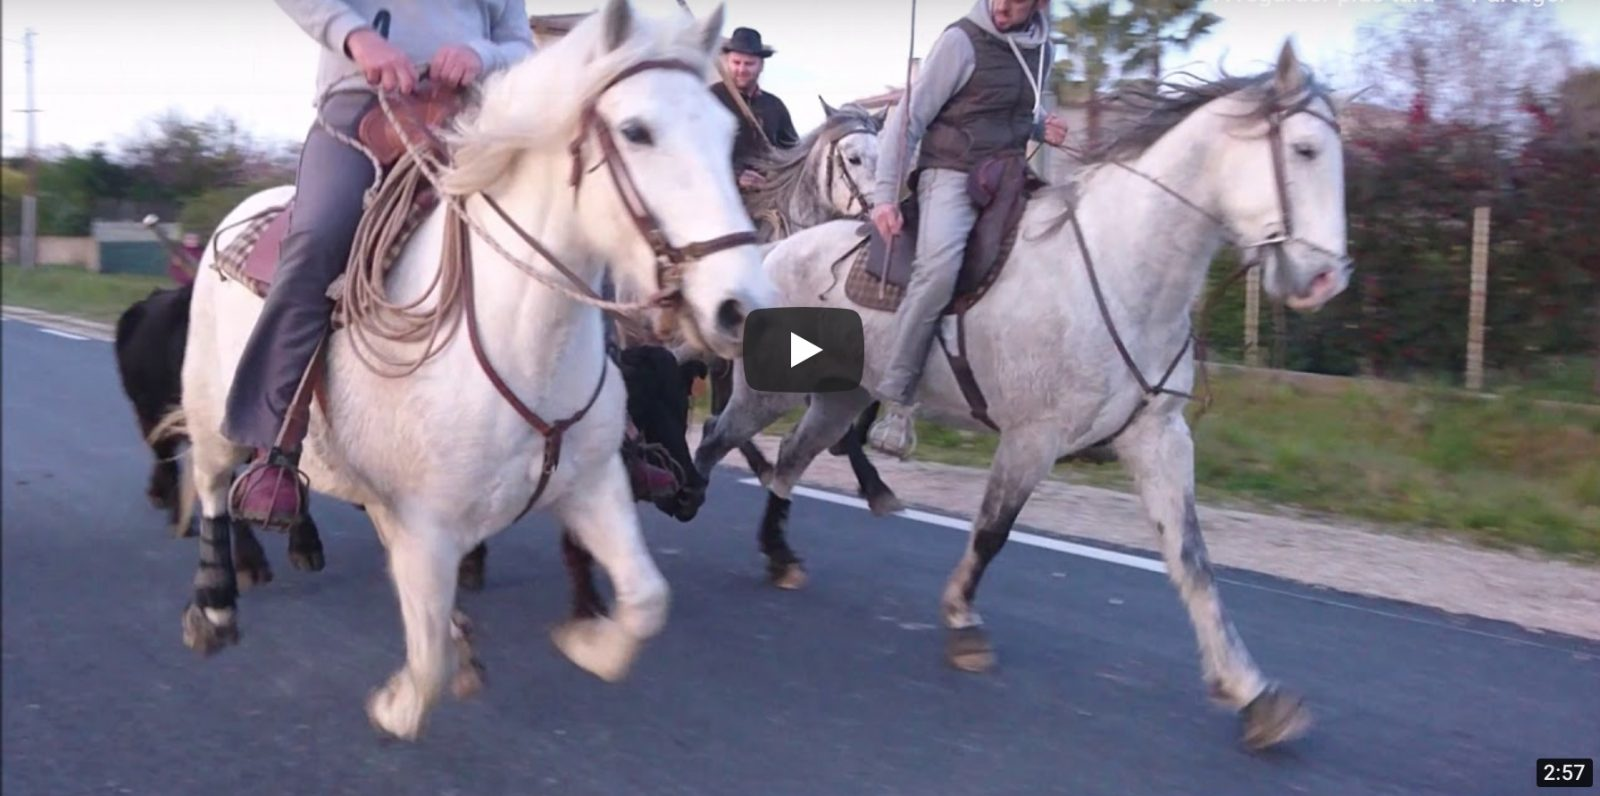 VALERGUES (09/02/2019) – Retour en vidéo sur le Festival de bandido